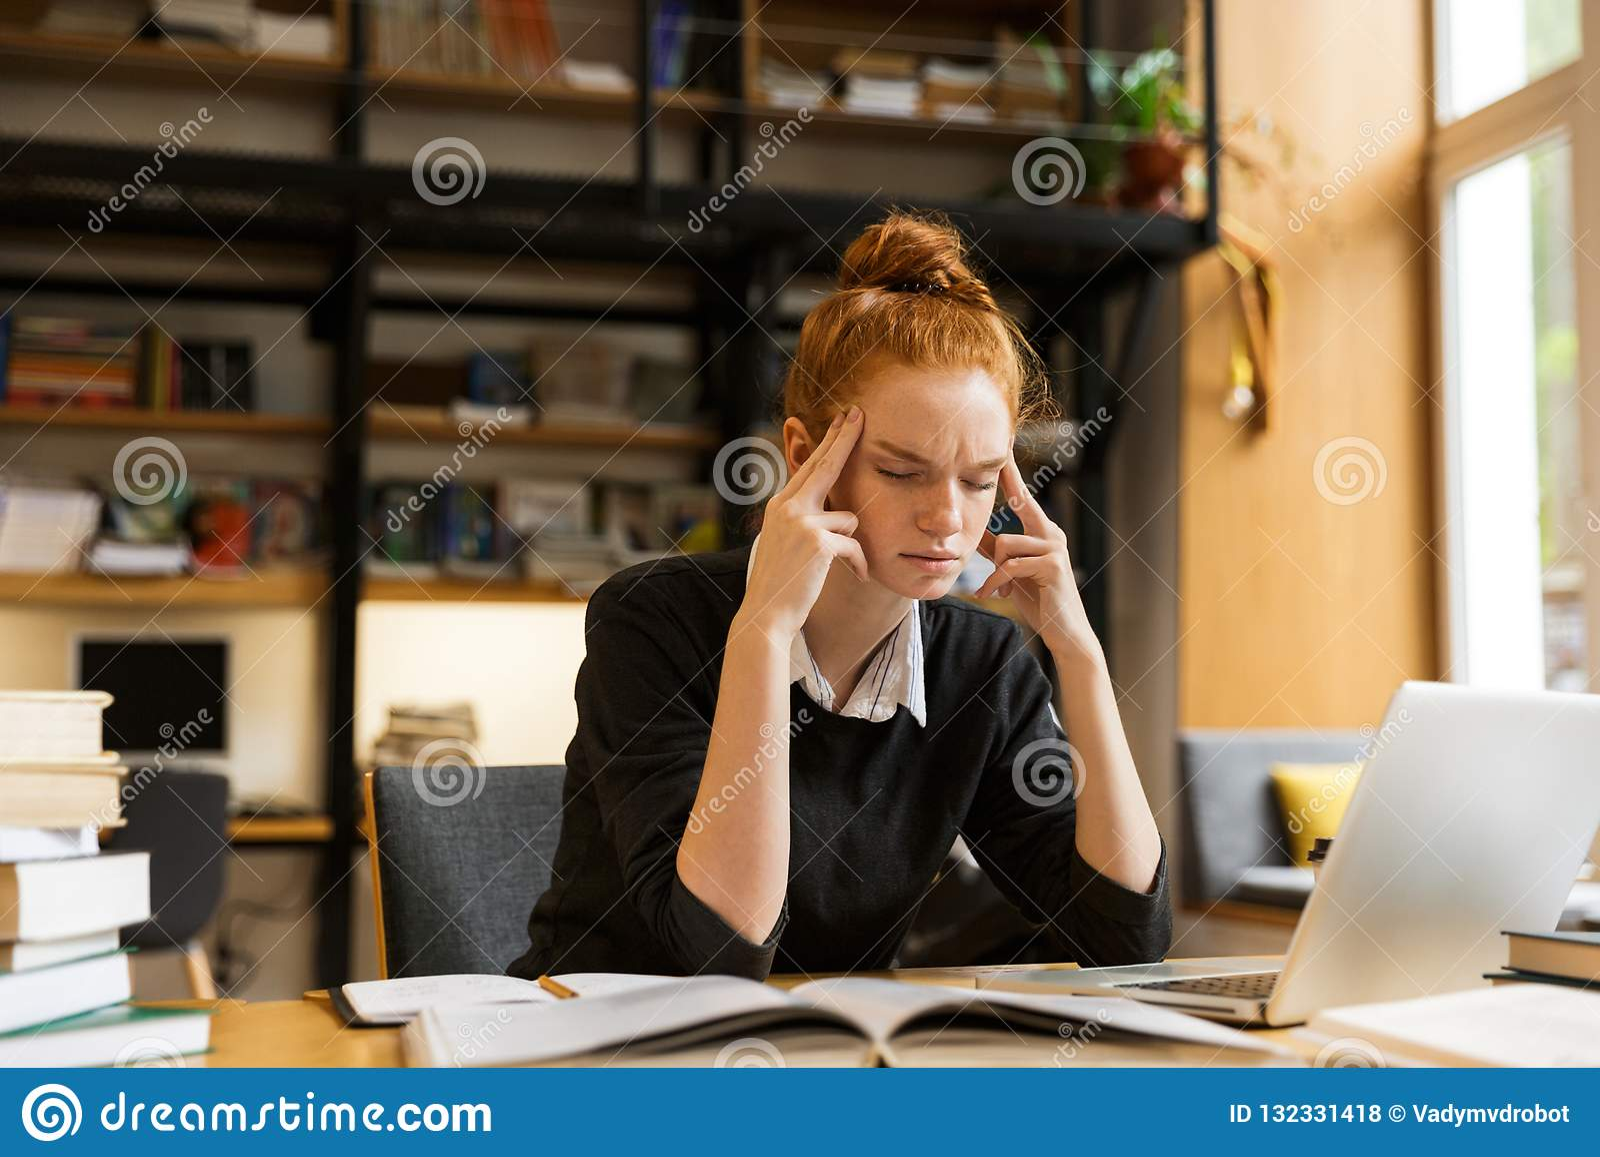 学习紧张的被集中的妇女的图象,当坐在des时